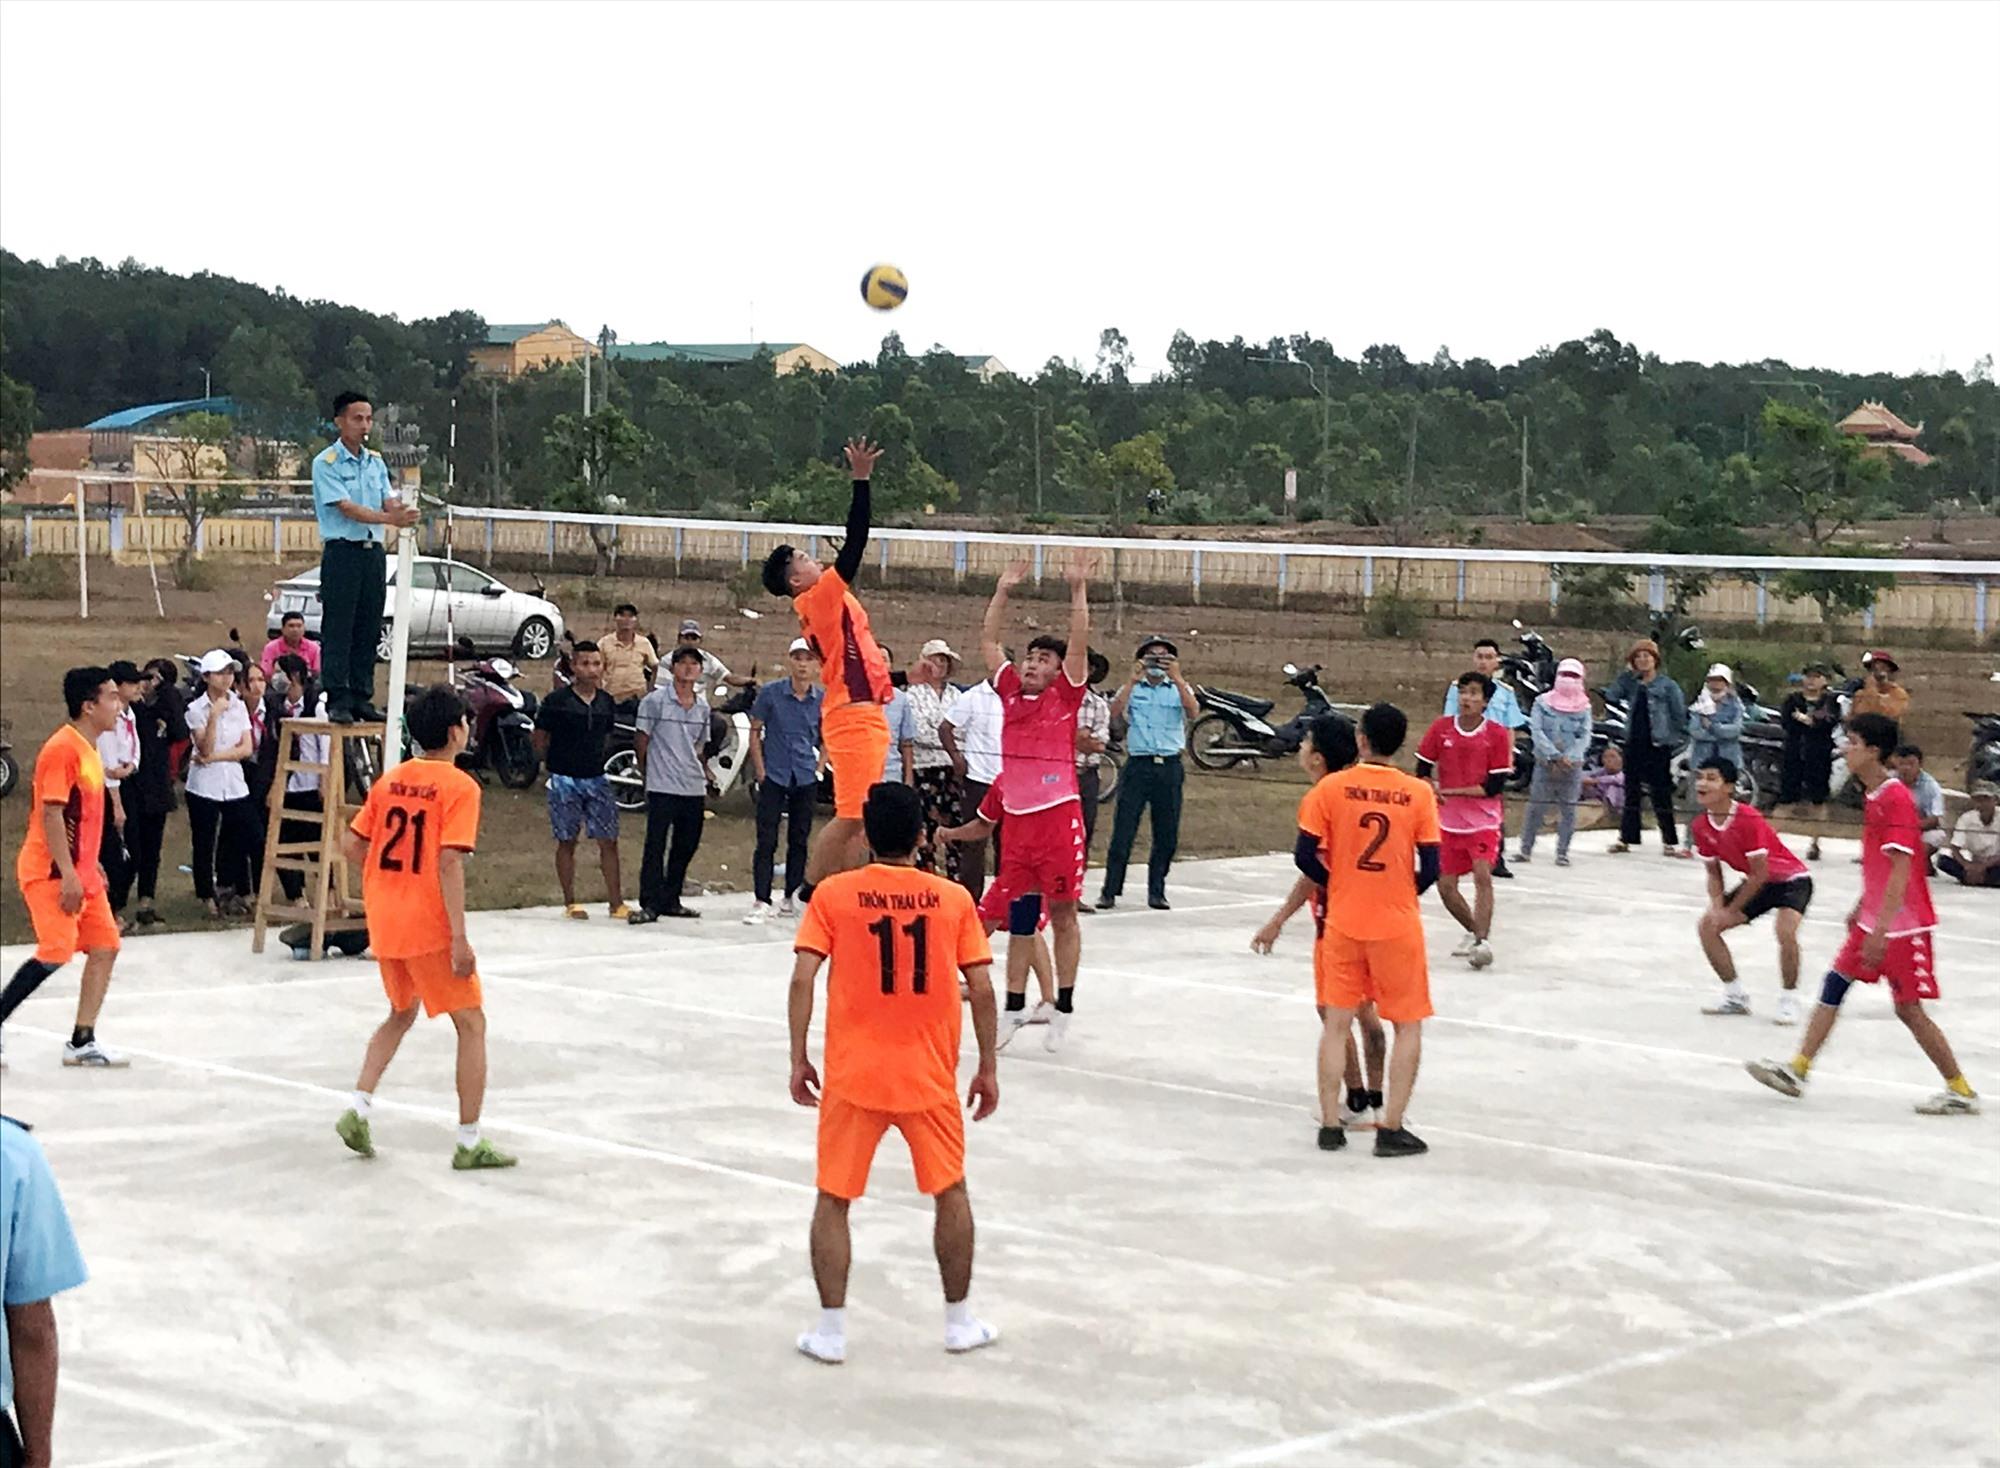 Một trận thi đấu bóng chuyền nam tại Đại hội TDTT xã Điện Tiến lần thứ IX năm 2021. Ảnh: T.C.T